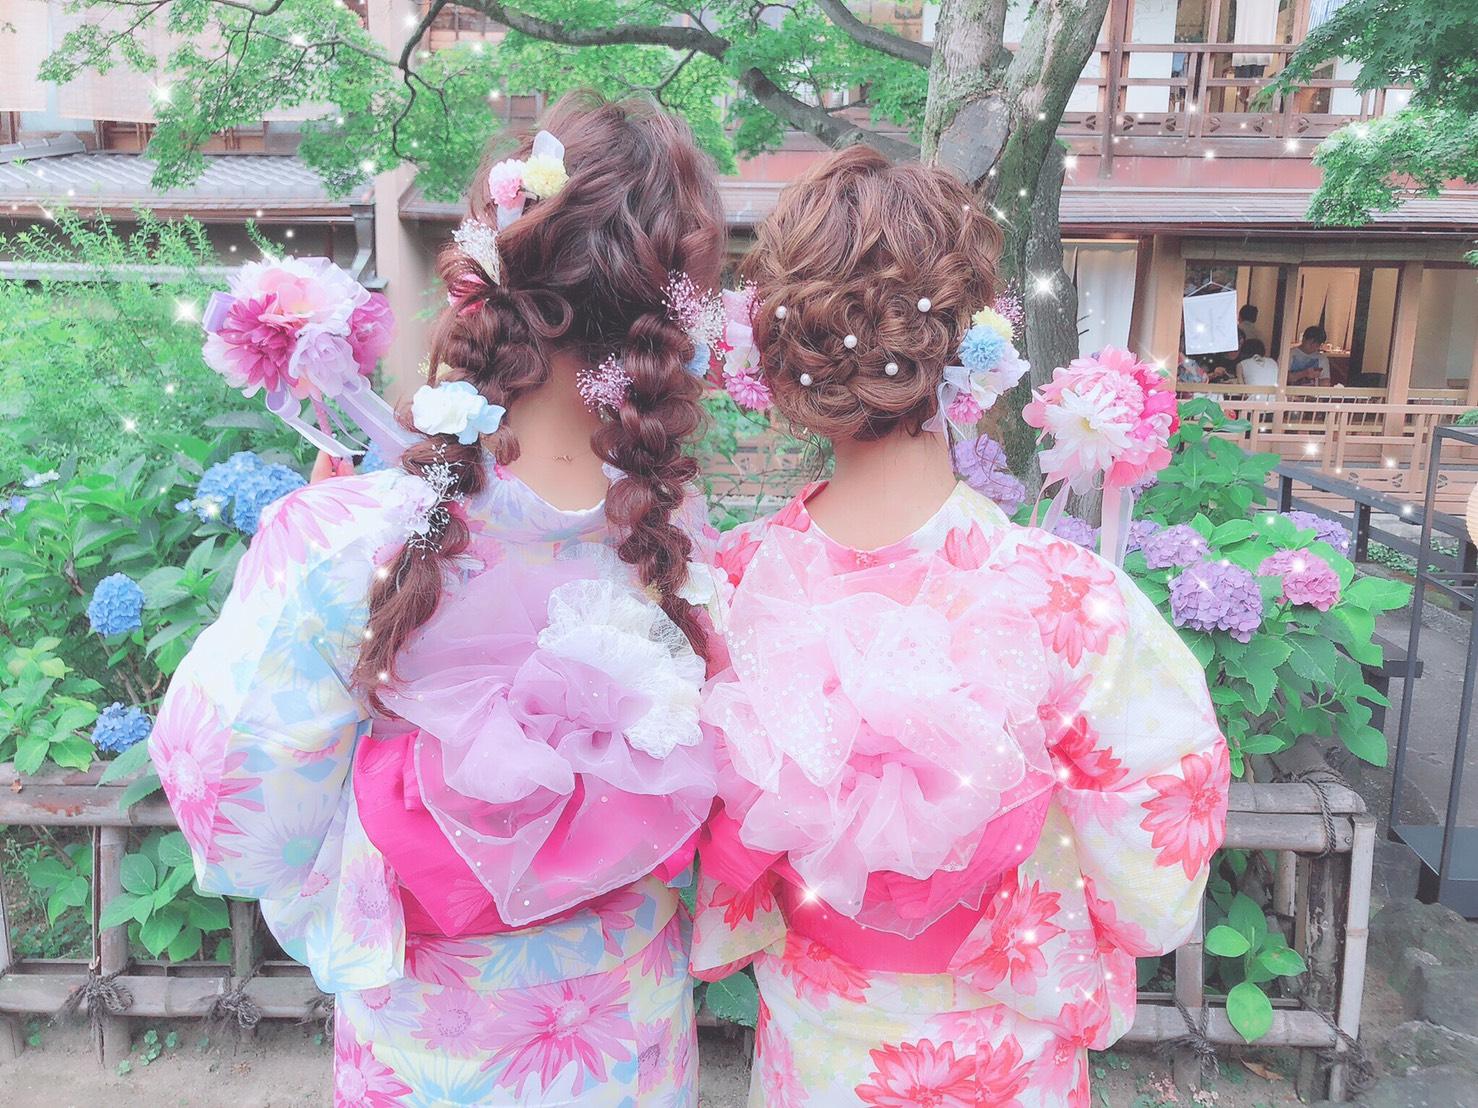 京都で着物・浴衣レンタルなら、人と差がつく可愛さの 『京都祇園屋』と『梨花和服』がおすすめ! シルバーウィークの京都女子旅にも♪_3